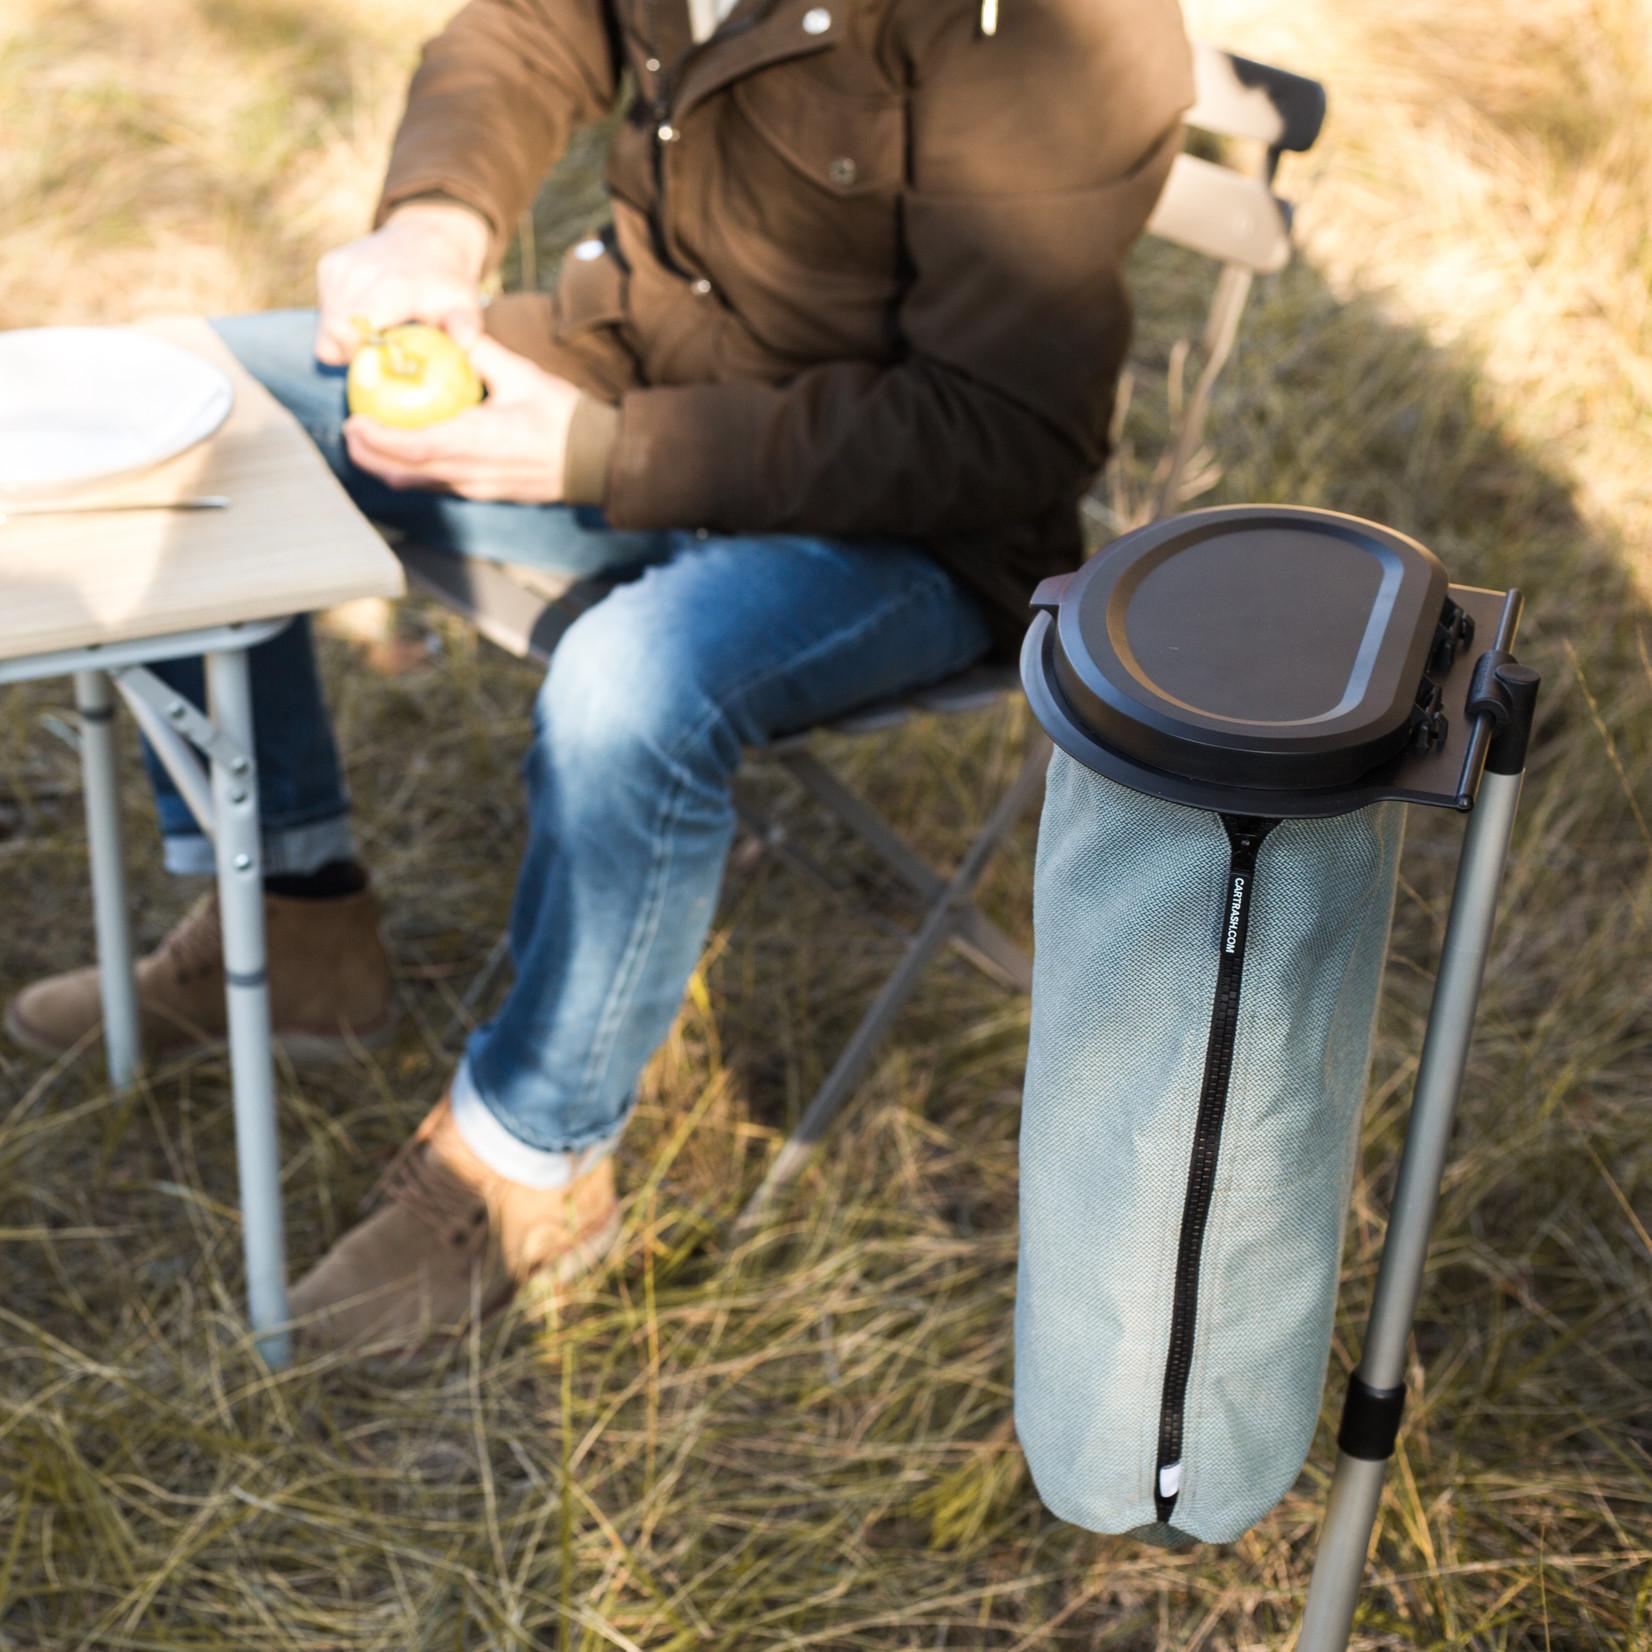 Prik Flextrash in de grond met de Campstick. Eenvoudig in hoogte verstelbaar en gemaakt van lichtgewicht